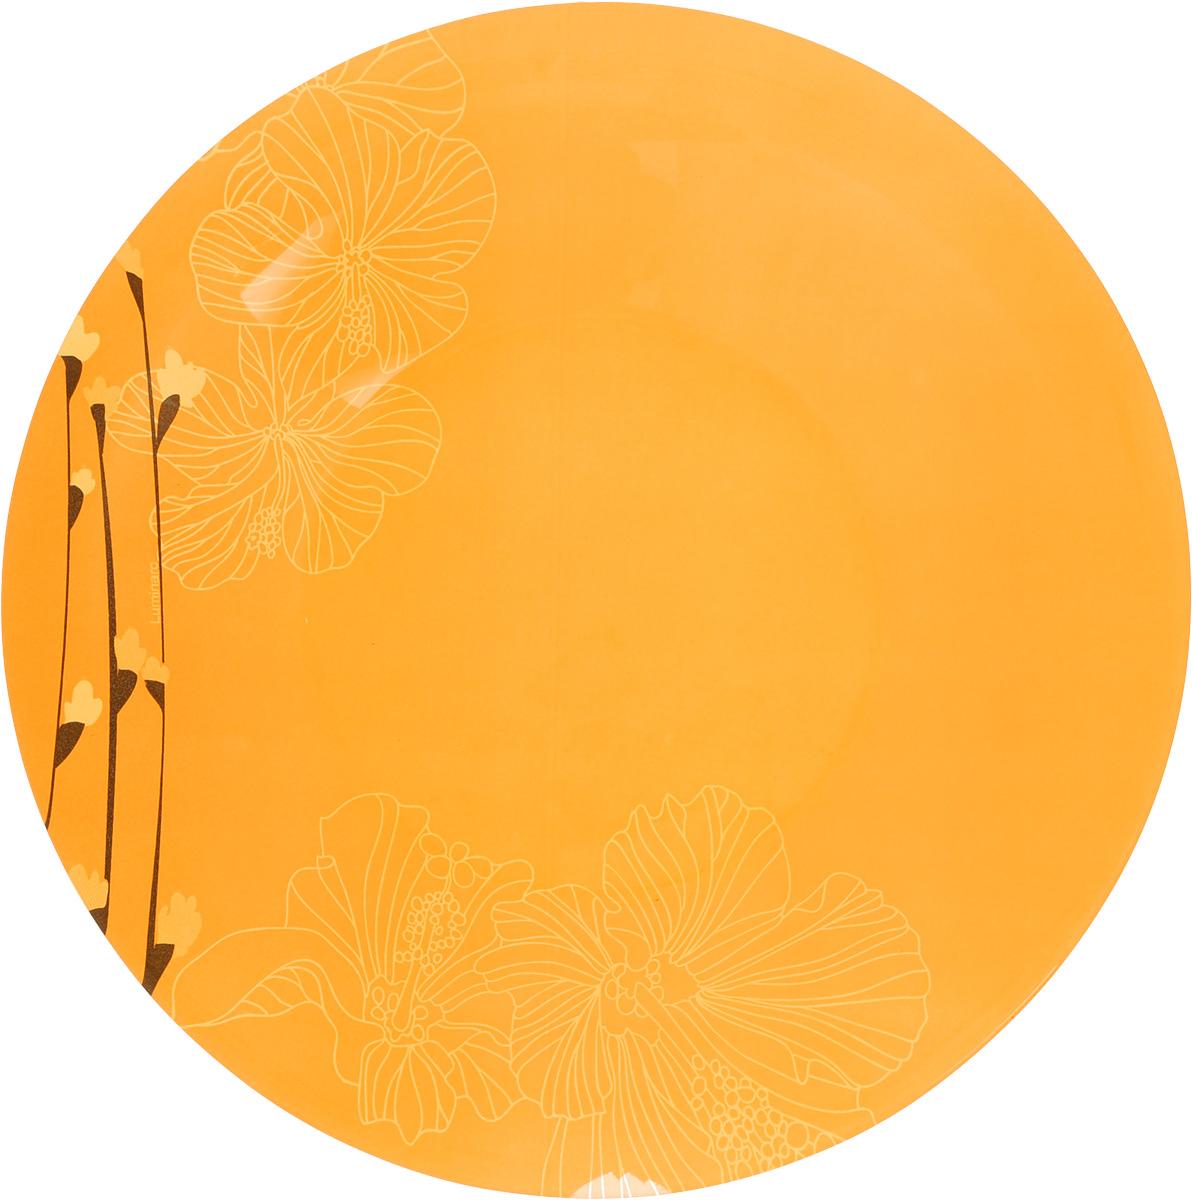 Тарелка глубокая Luminarc Rhapsody Orange, диаметр 21,2 см54 009312Глубокая тарелка Luminarc Rhapsody Orange, изготовленная из ударопрочного стекла, имеет изысканный внешний вид. Яркий дизайн придется по вкусу и ценителям классики, и тем, кто предпочитает утонченность. Тарелка Luminarc Rhapsody Orange идеально подойдет для сервировки различных блюд, а также станет отличным подарком к любому празднику.Диаметр тарелки (по верхнему краю): 21,2 см.